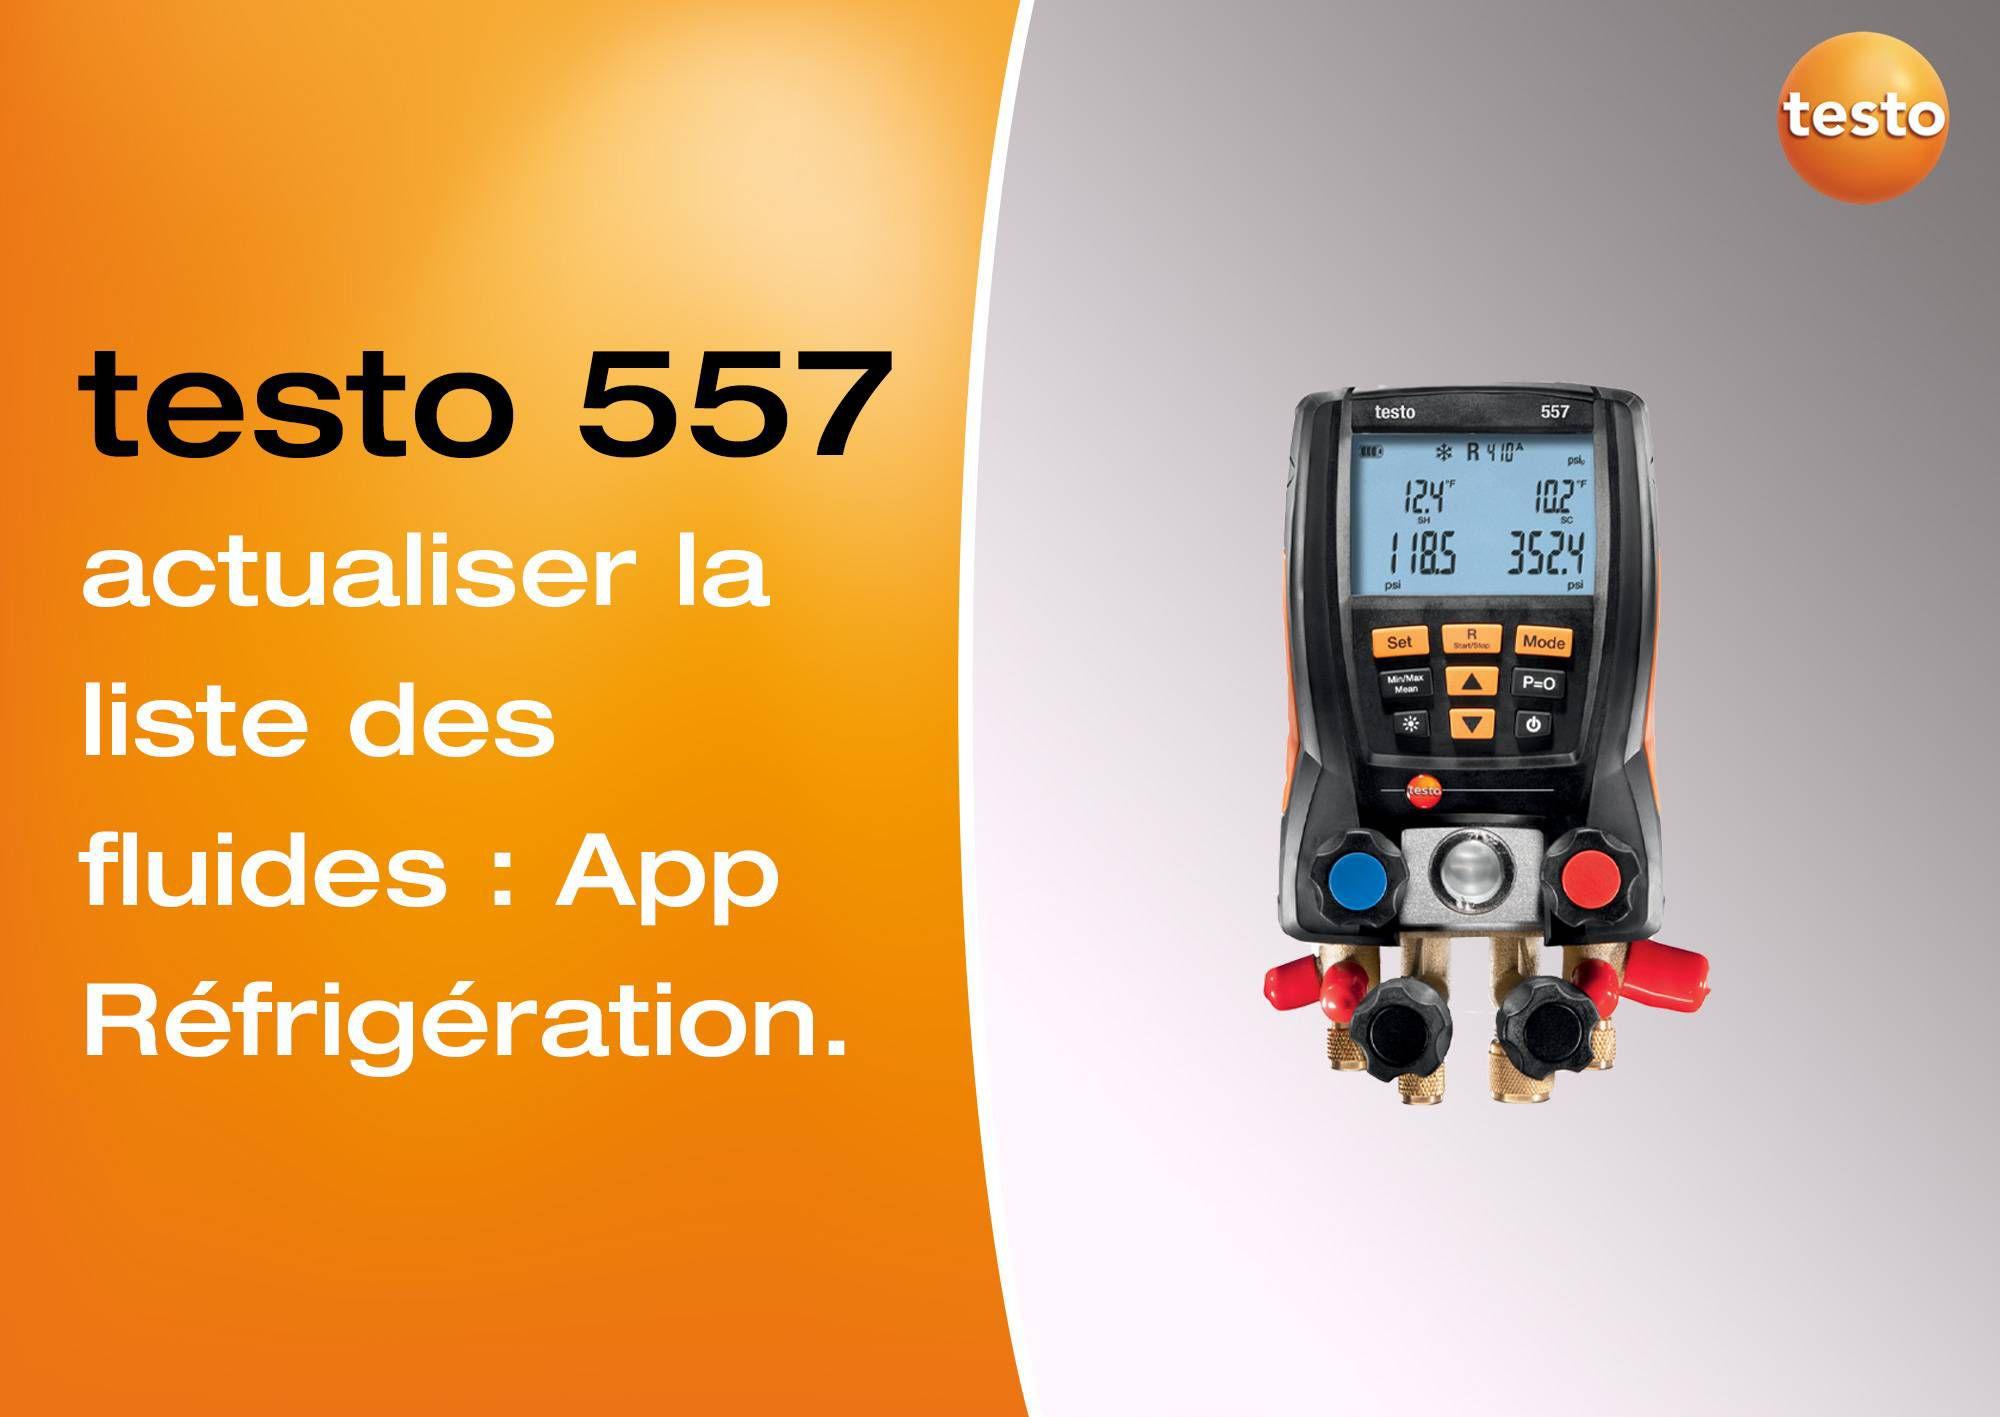 Tutoriel vidéo mise à jour des fluides frigorigènes App Réfrigération manomètre testo 557